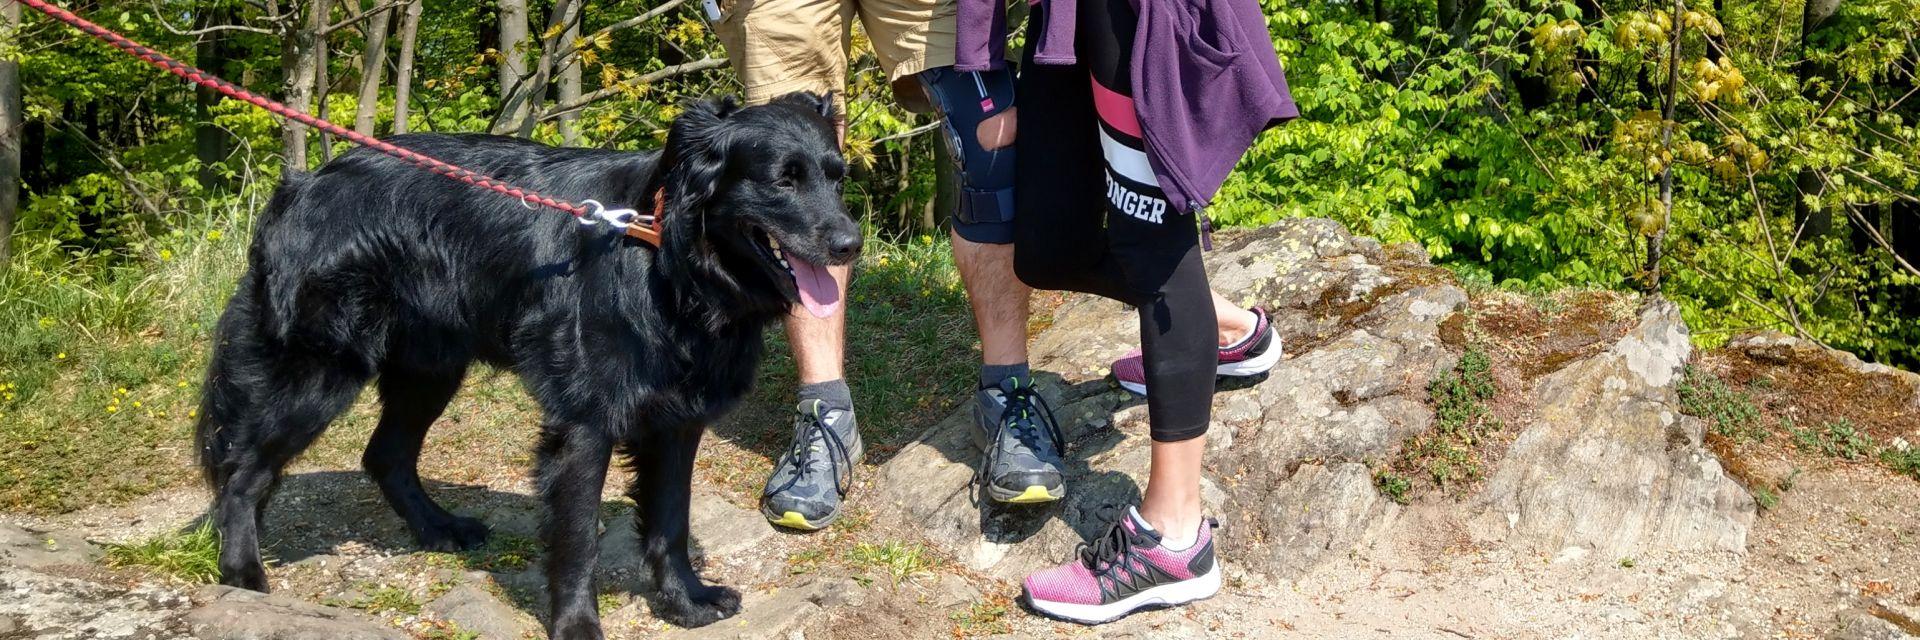 urlaub-mit-hund-bayerischer-wald-hundefreundliche-unterkunft